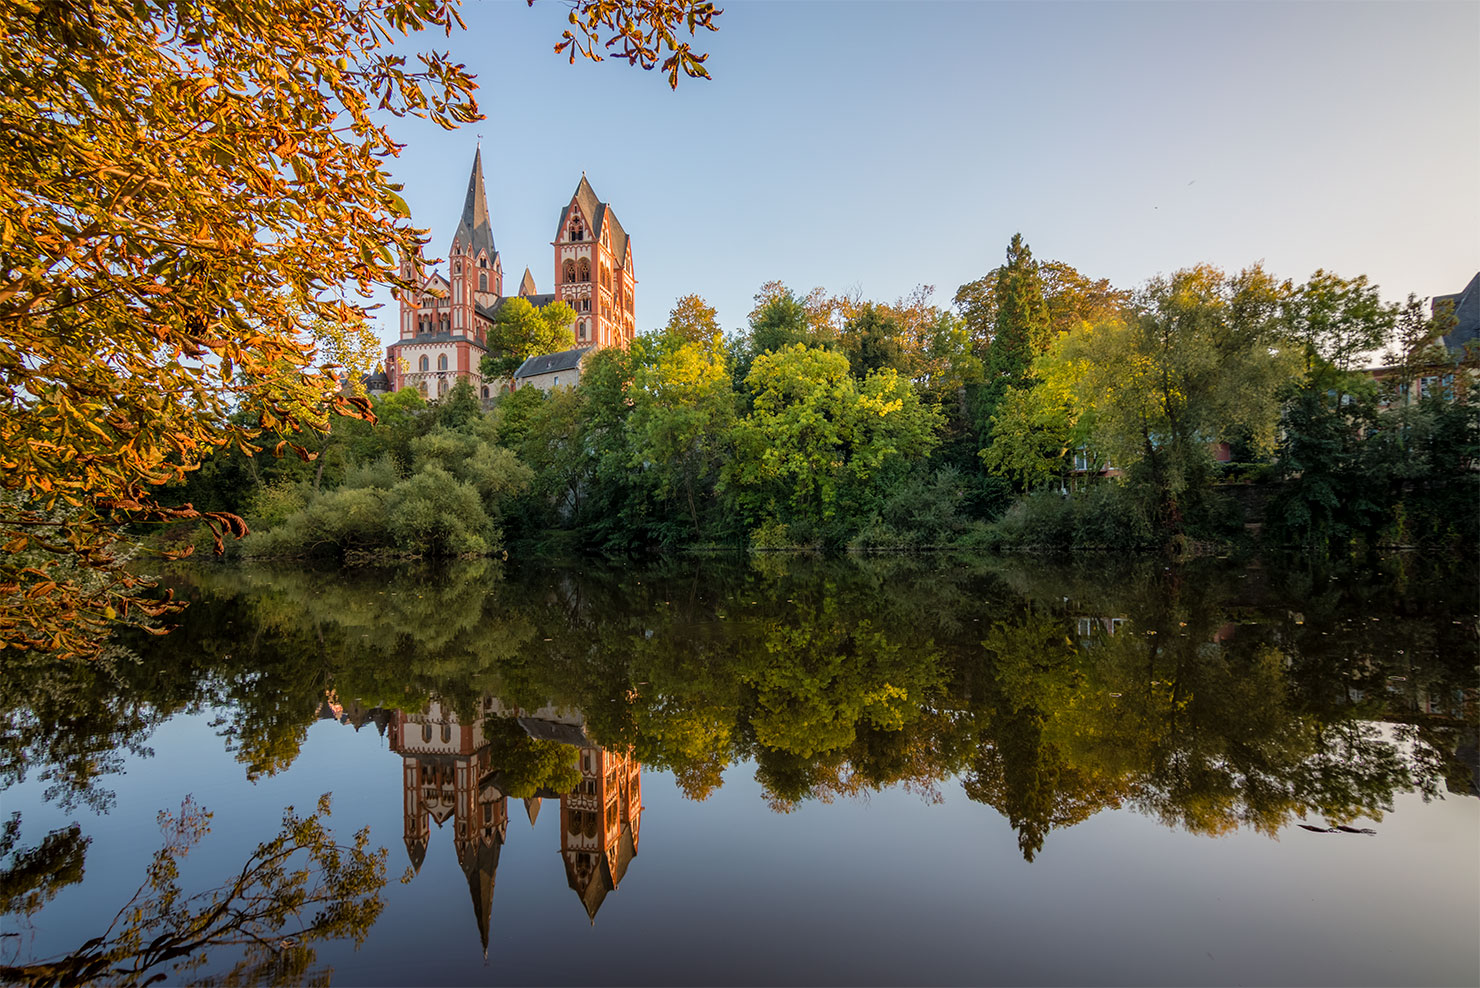 Limburg Lahn Blick auf Dom vom Lahnufer im Herbst